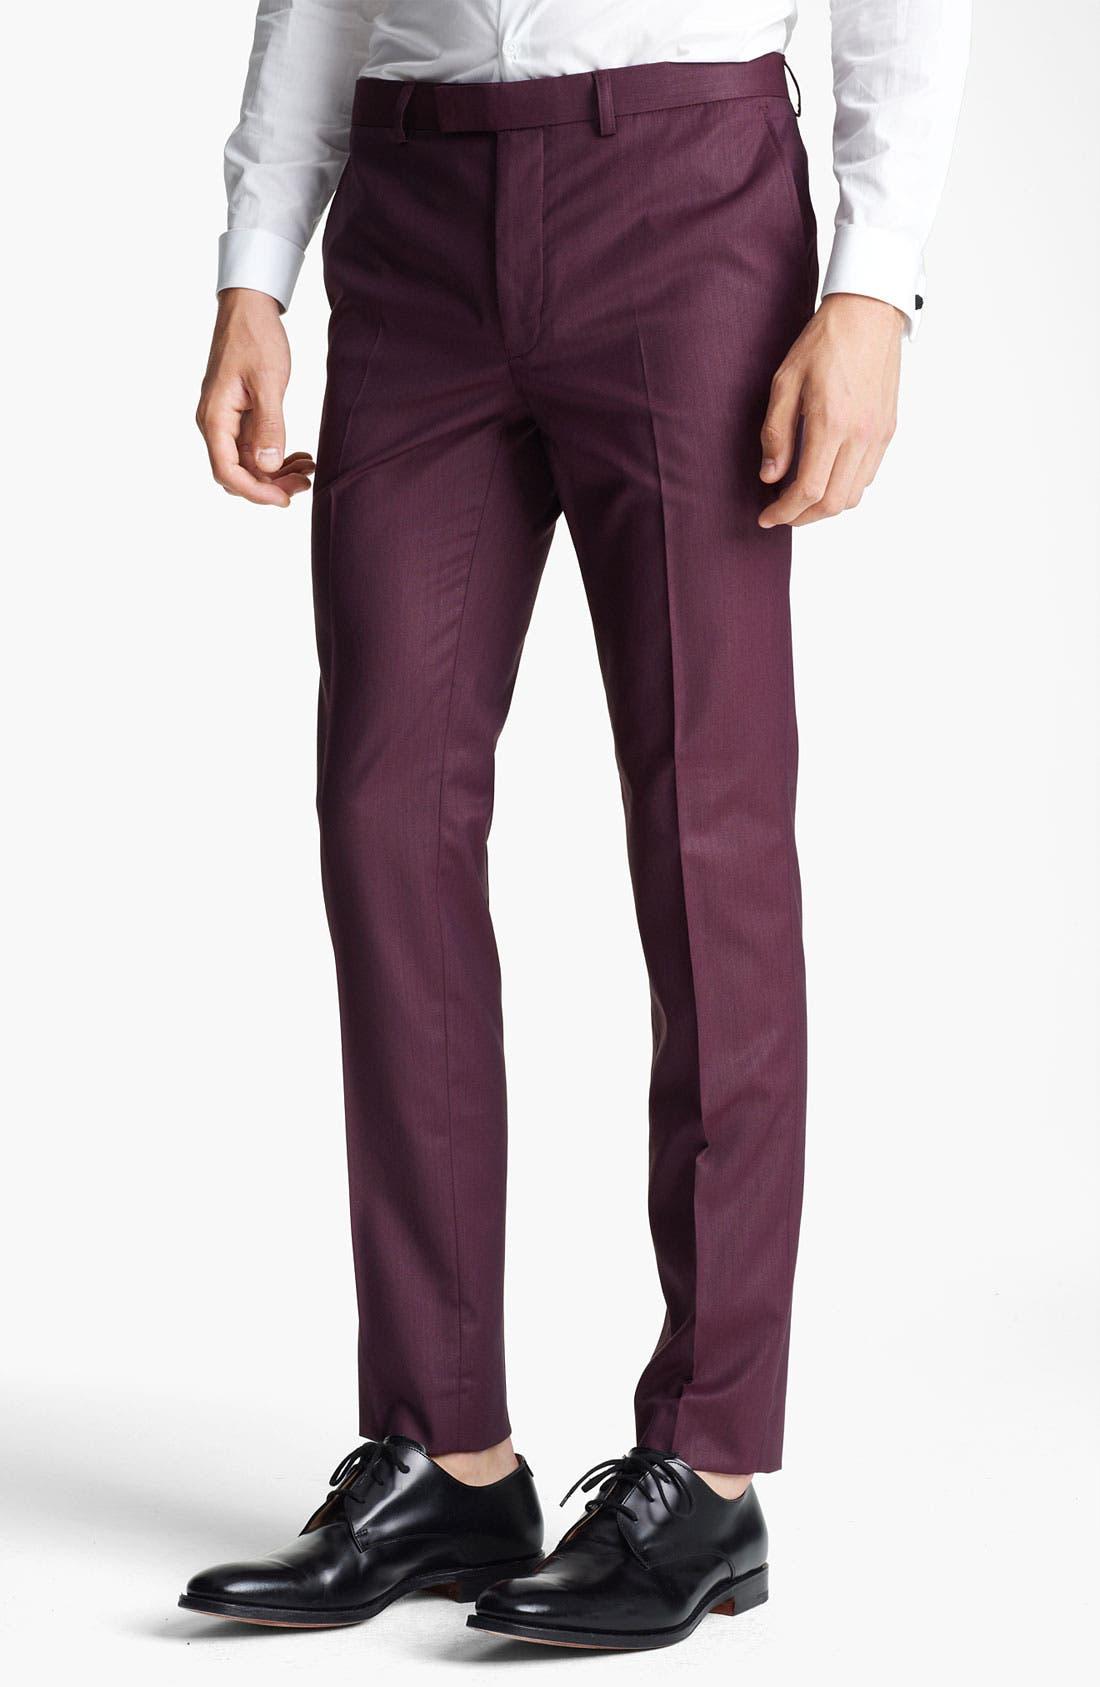 Main Image - Topman 'Liquid' Skinny Trousers